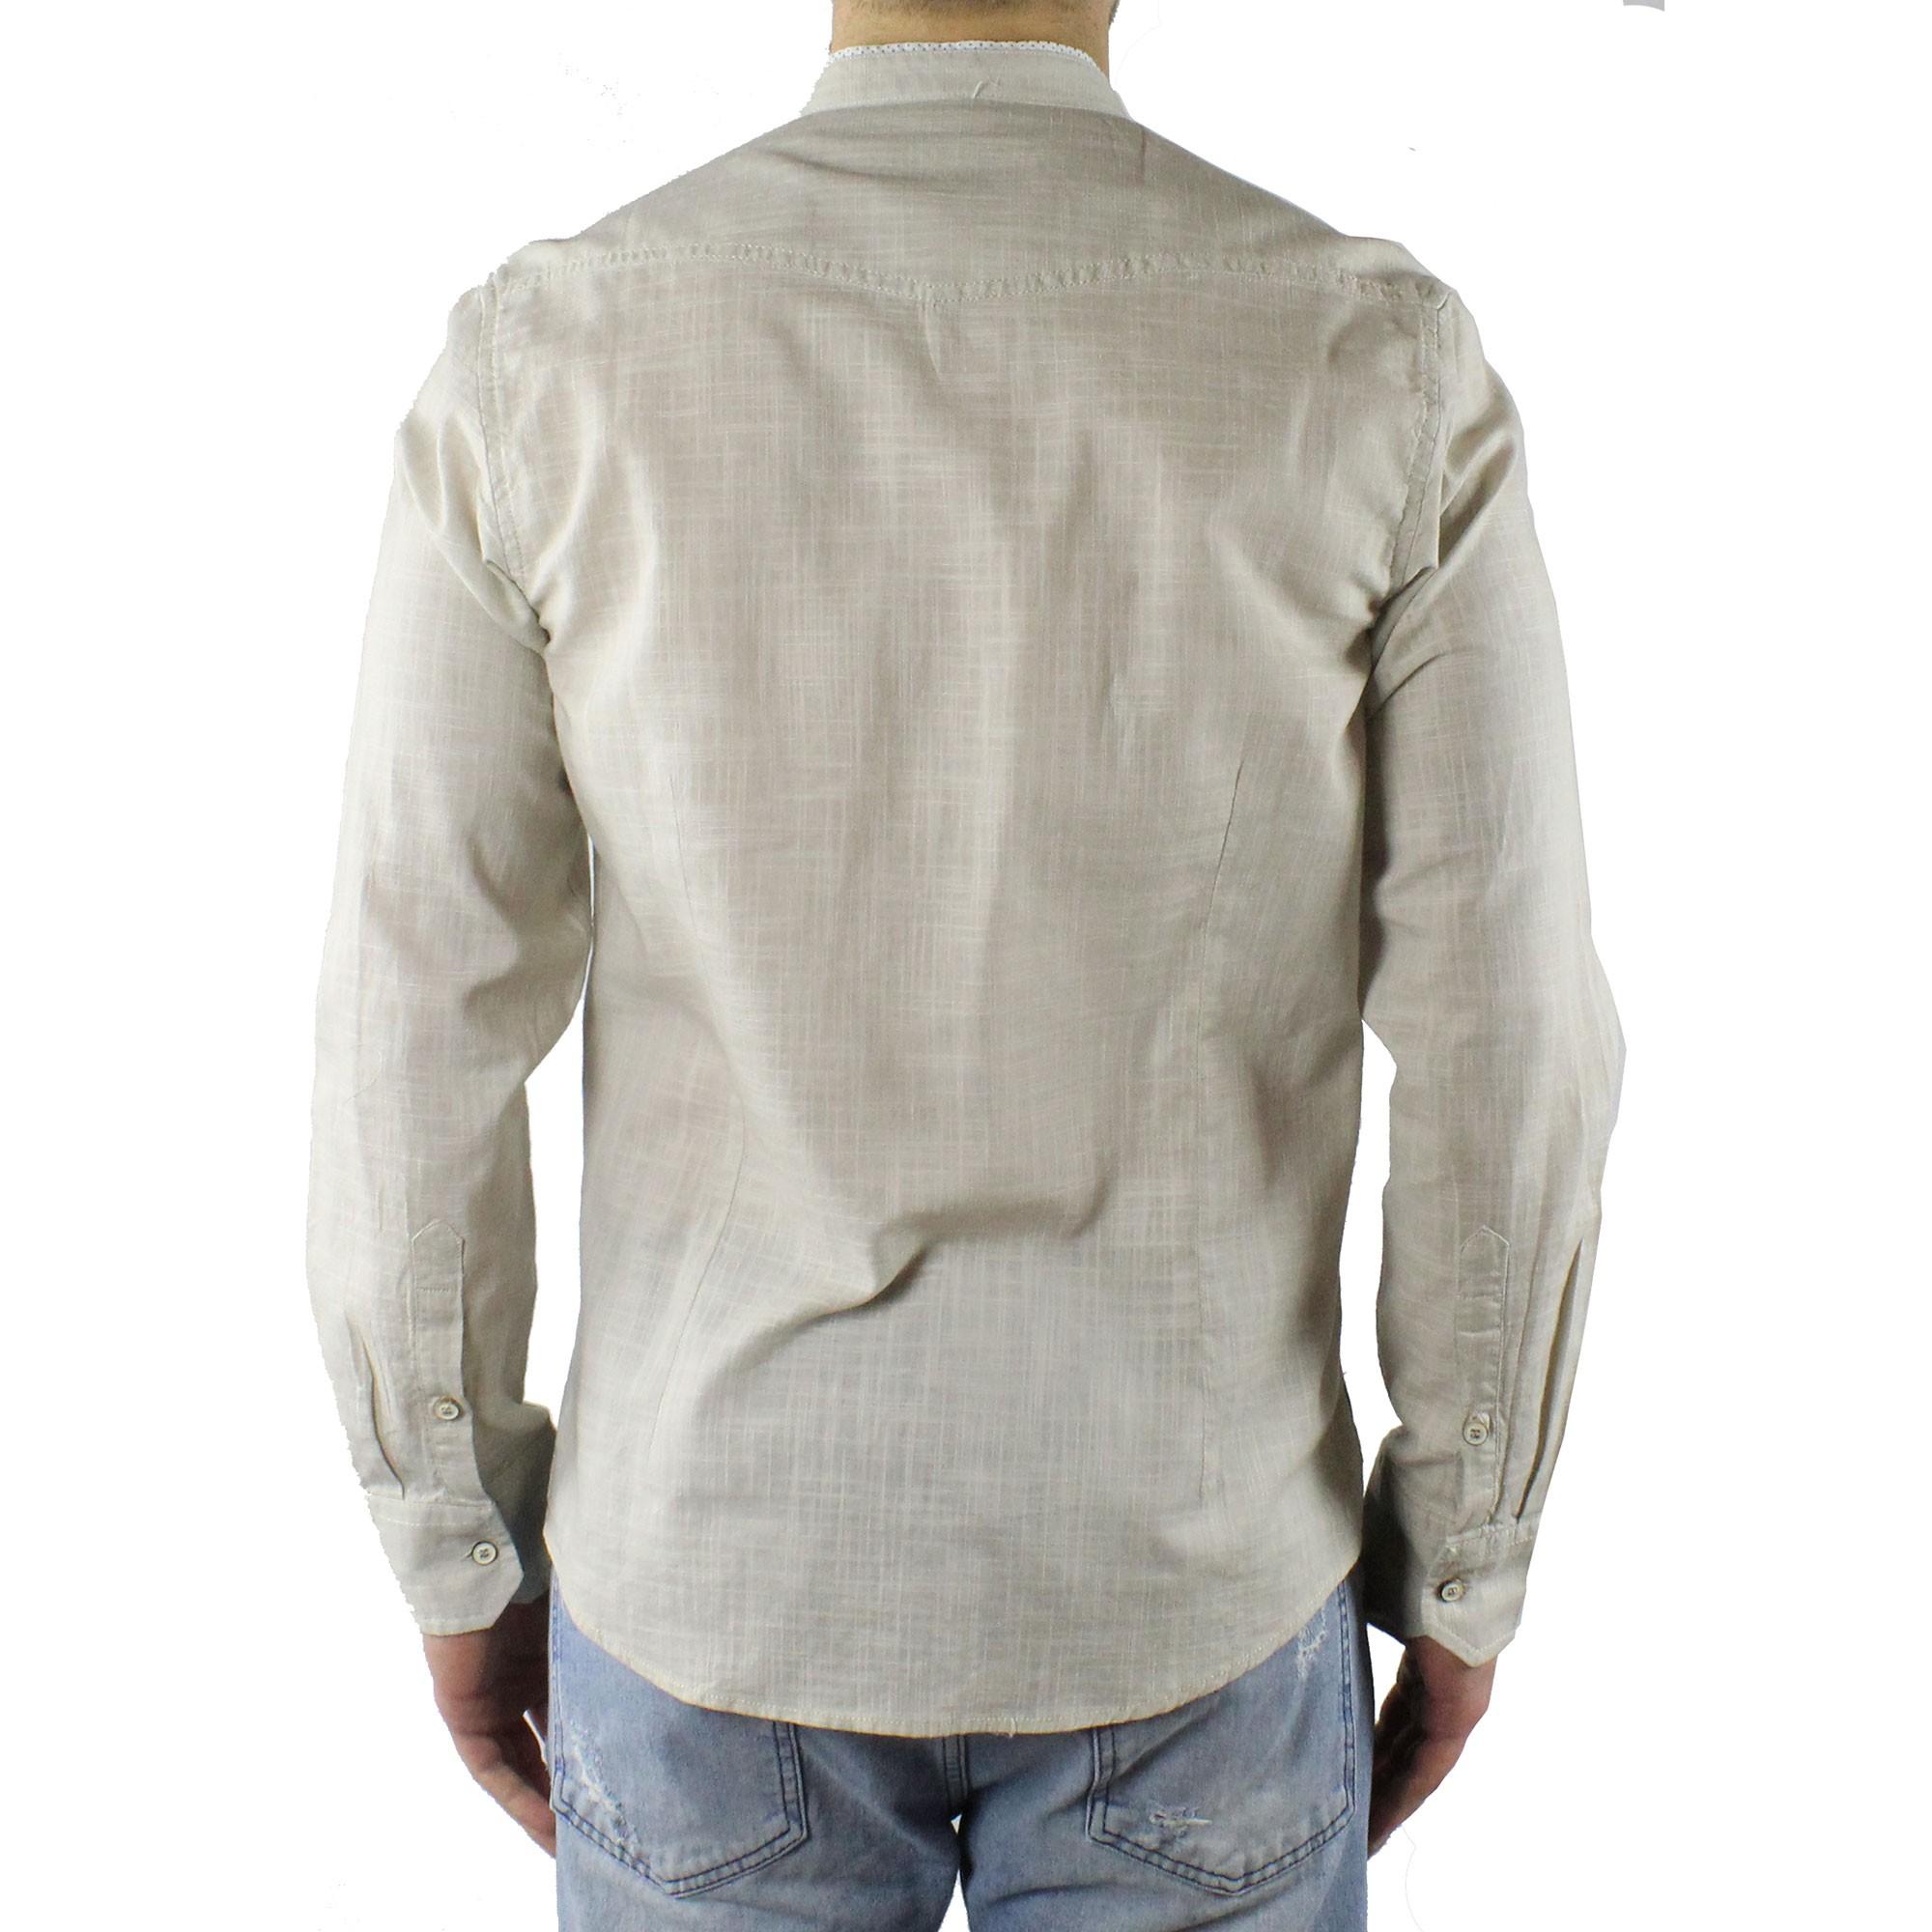 Camicia-Uomo-Collo-Coreana-Cotone-Casual-Slim-Fit-Manica-Lunga-Sartoriale-Estiva miniatura 13